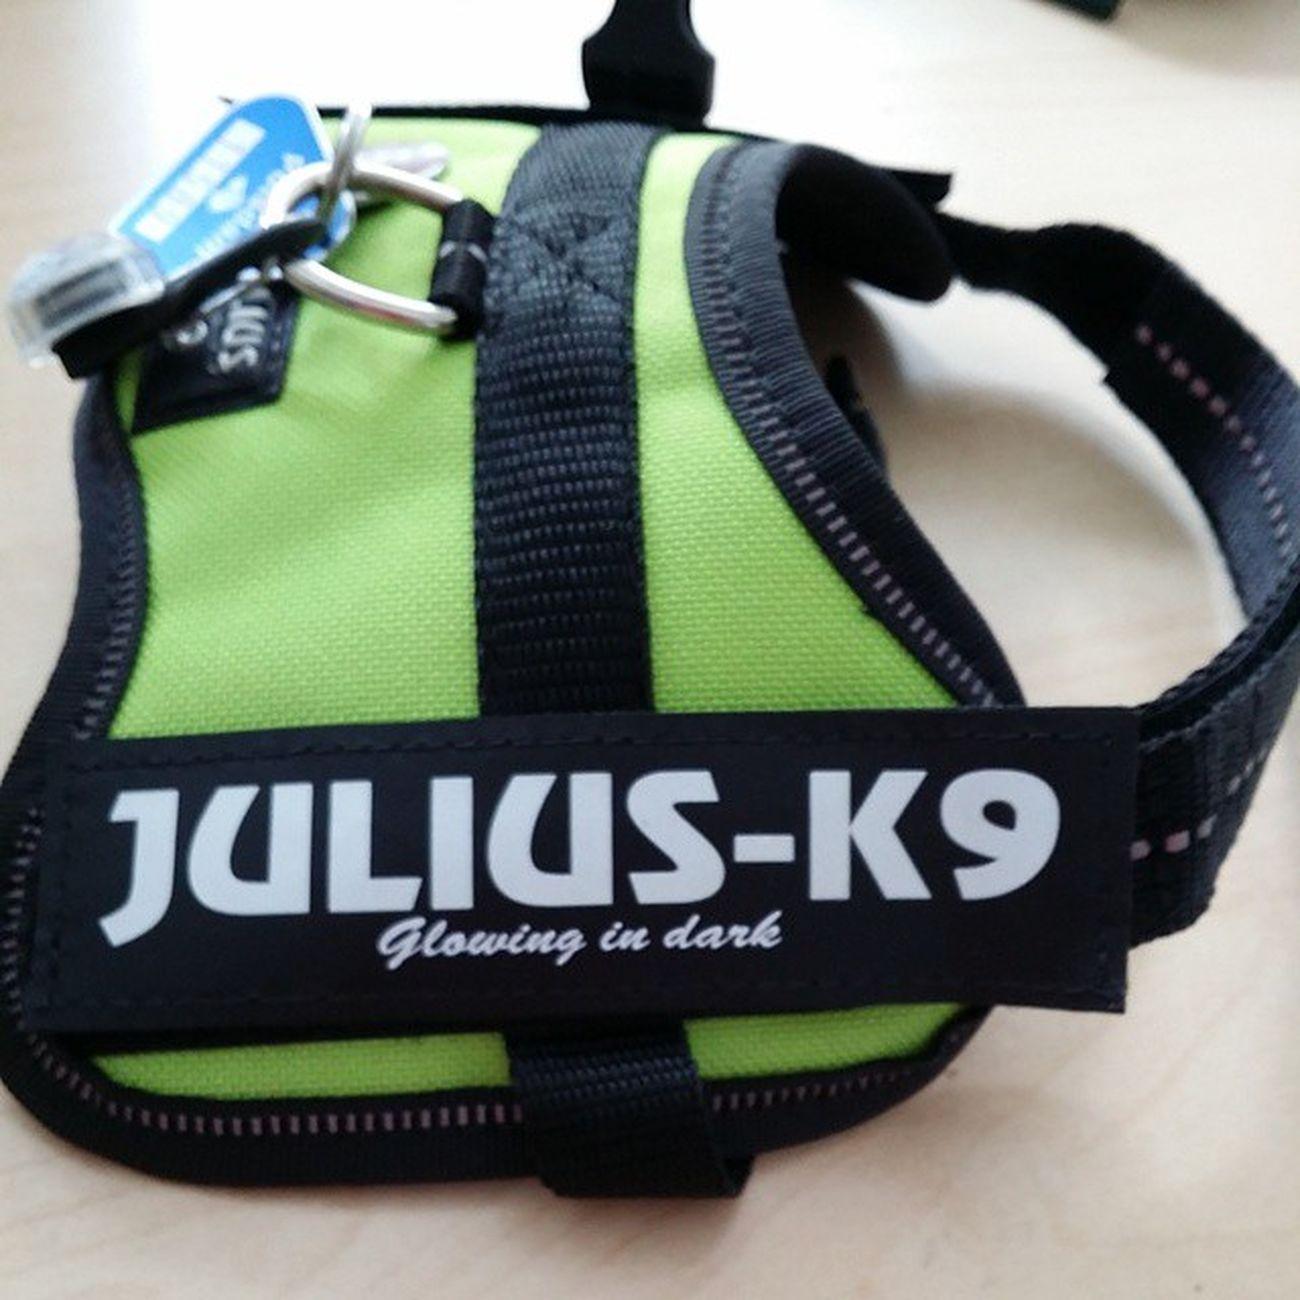 Neues Geschirr für den kleinen Liebling, natürlich in Hundemama s Lieblingsfarbe Grün Julius K9